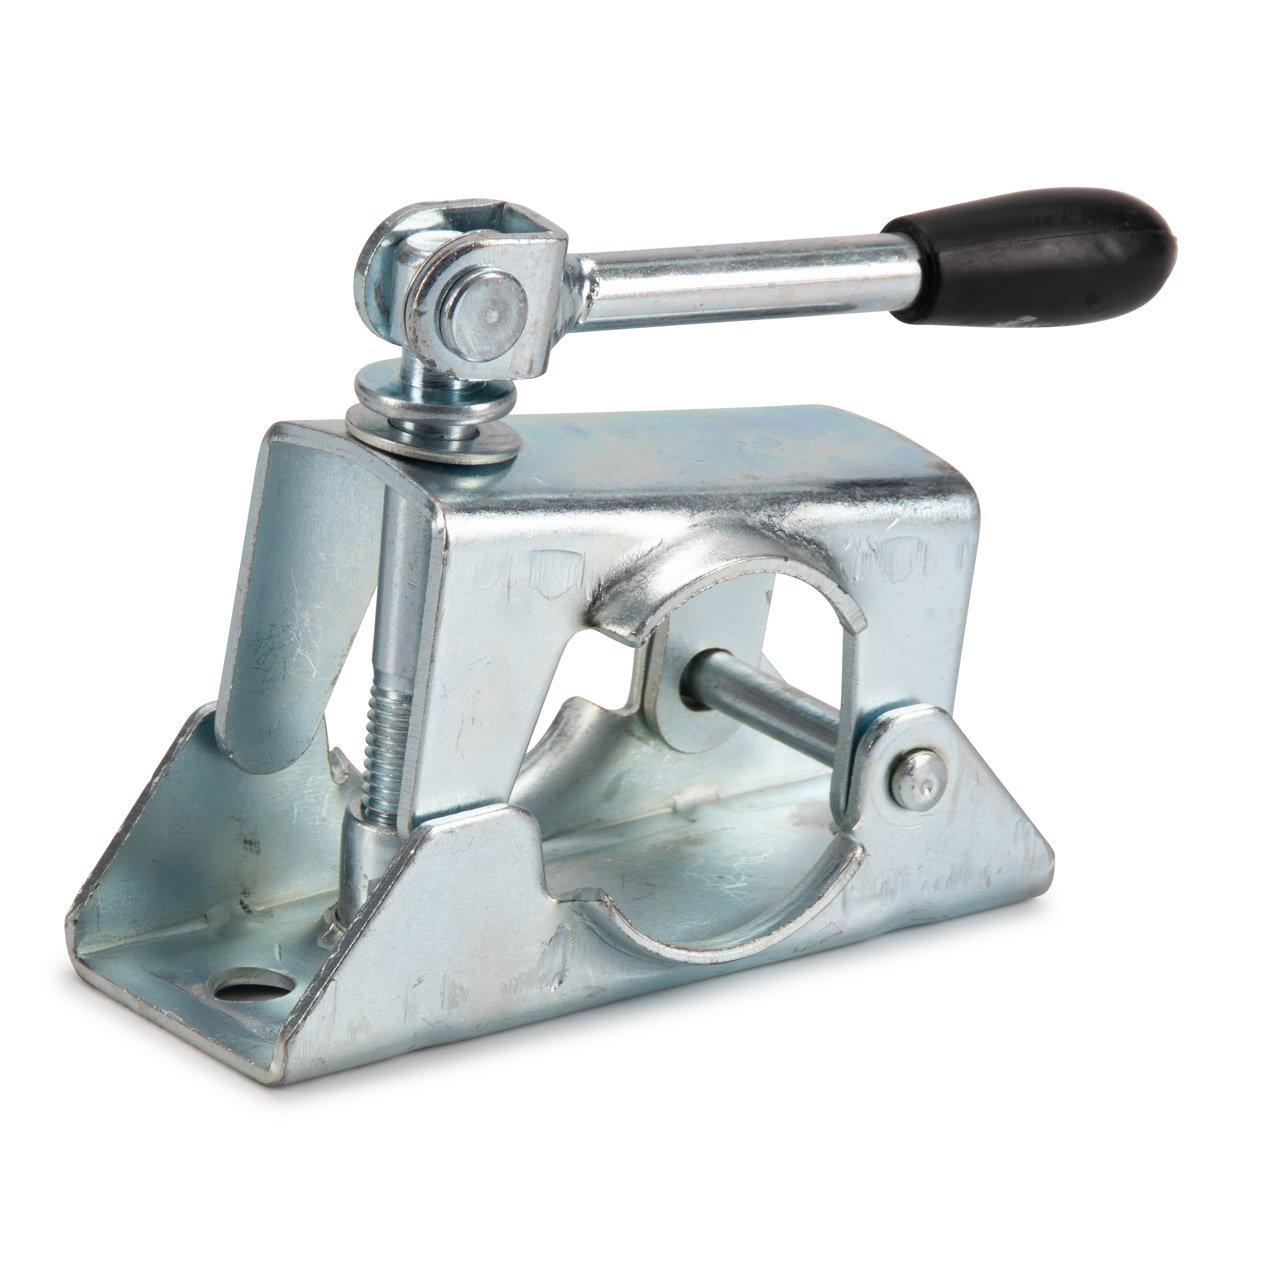 PROPLUS Klemmschelle 48mm Verzinkter Stahl mit Klappknebel für Stützrad Anhänger